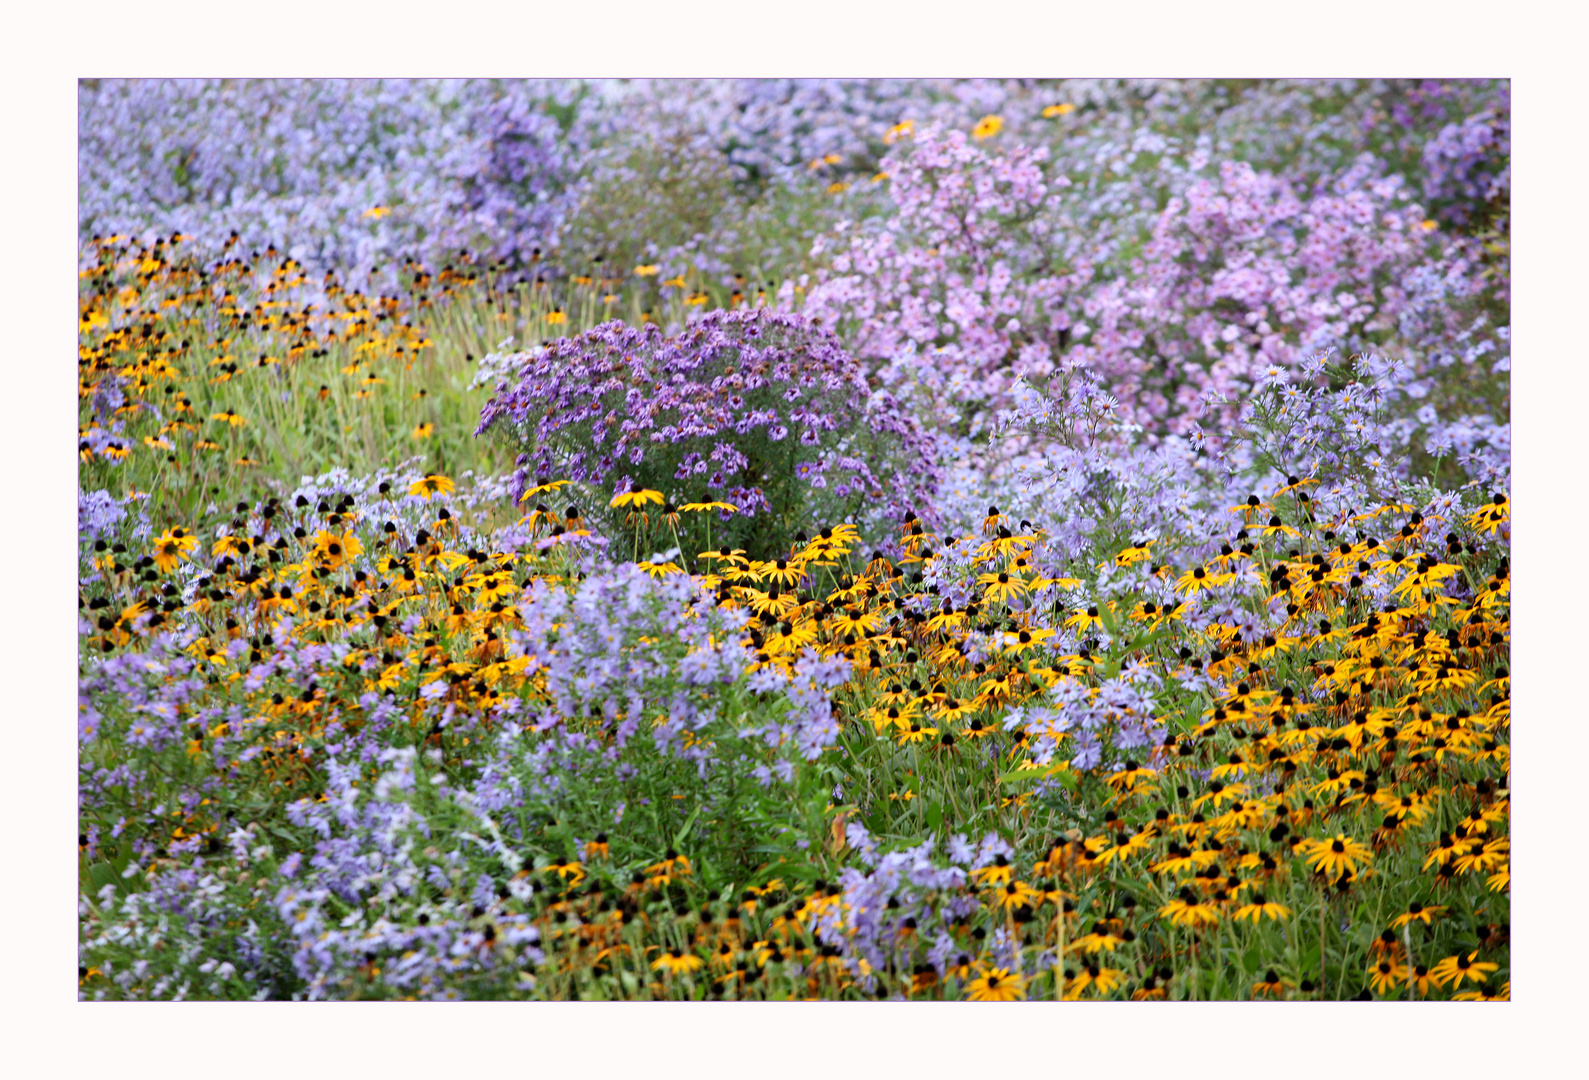 Herbst-Blumen-Blüten-Meer